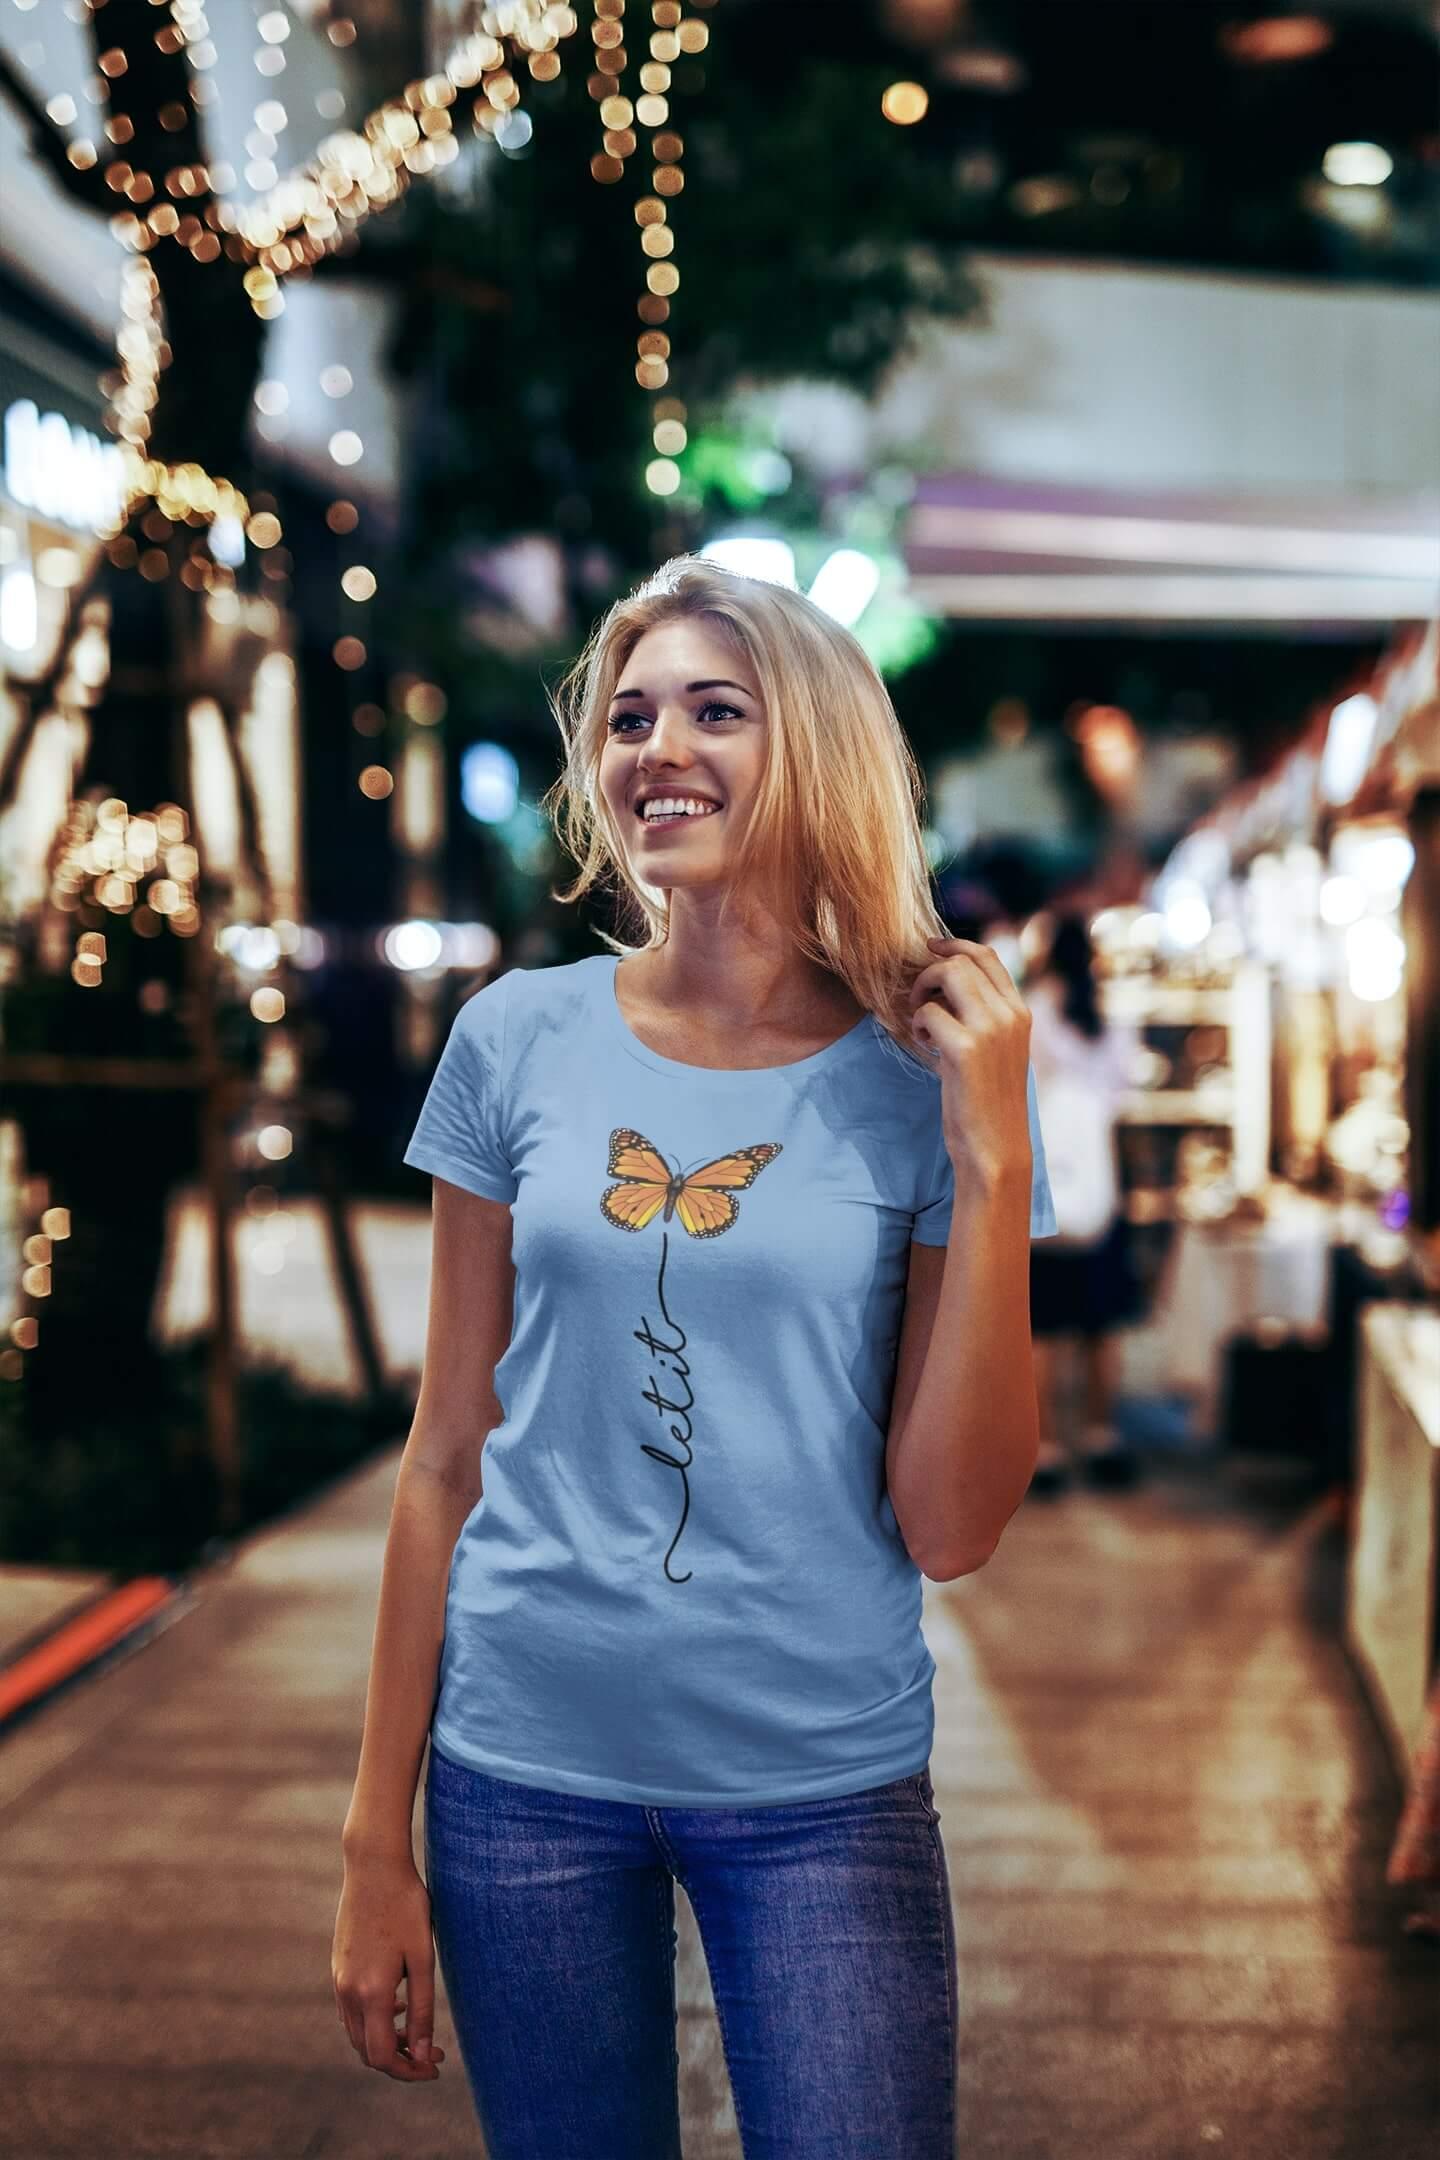 MMO Dámske tričko Let it motýľ Vyberte farbu: Svetlomodrá, Vyberte veľkosť: S